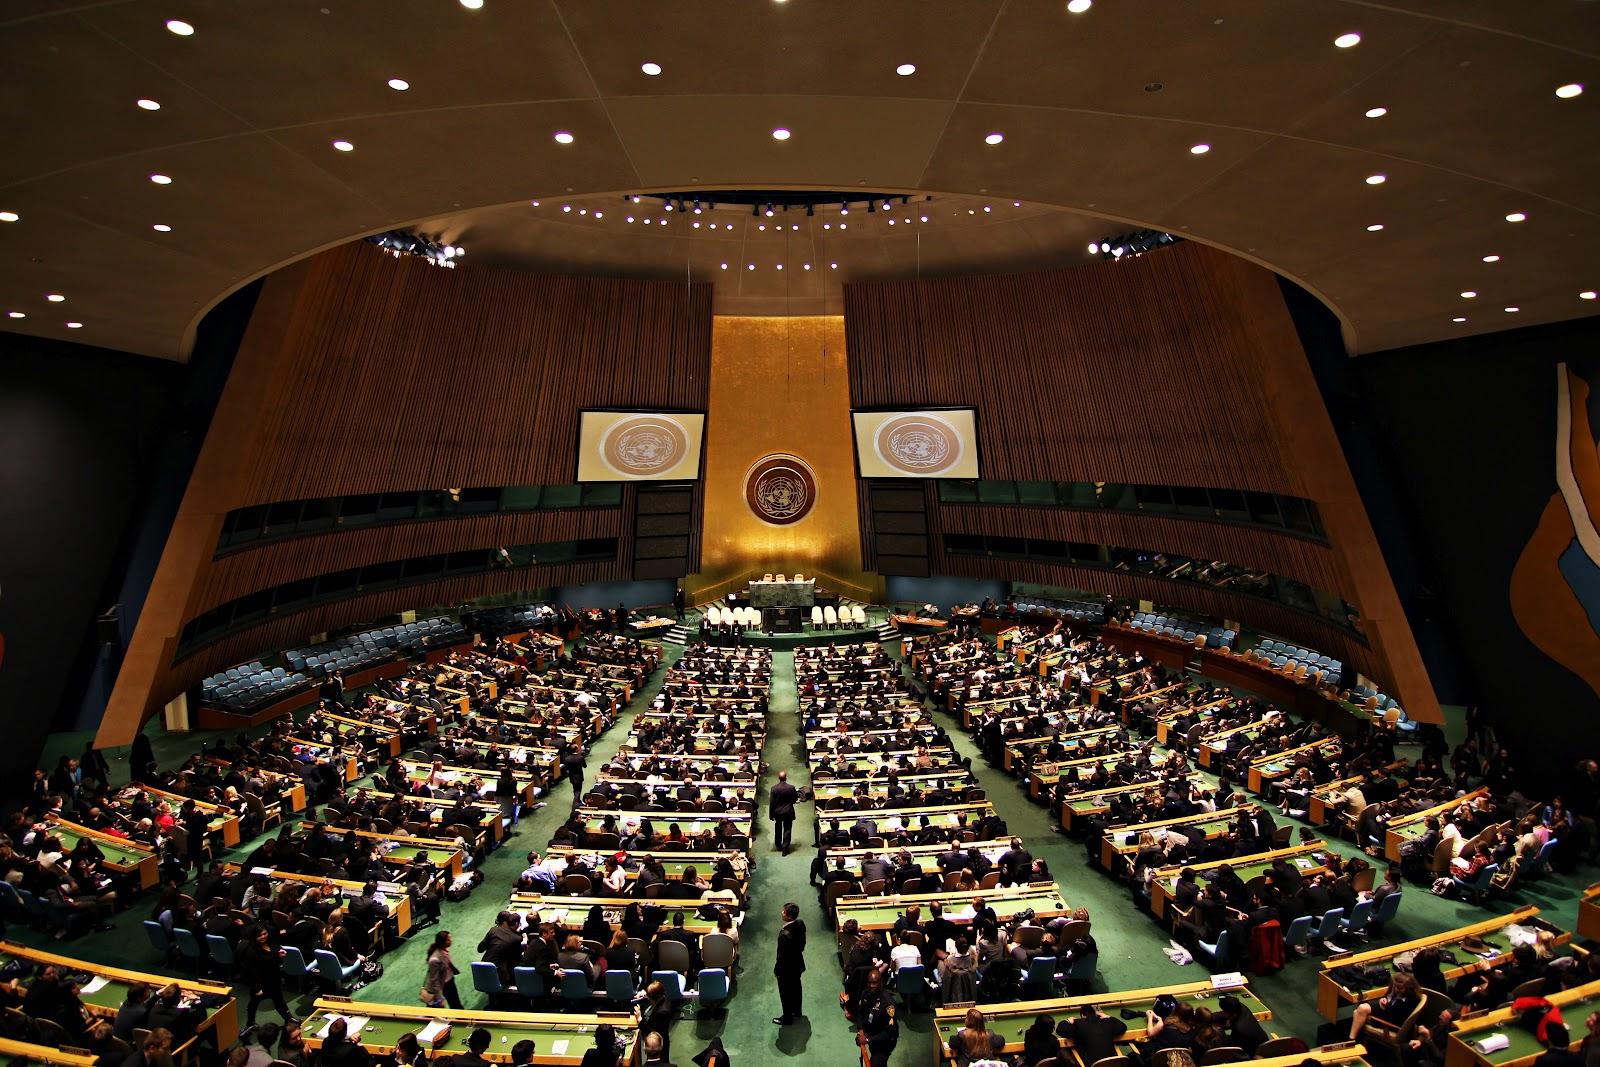 «Международного права на аборт не существует» – заявление США, России и 17 других стран в ООН